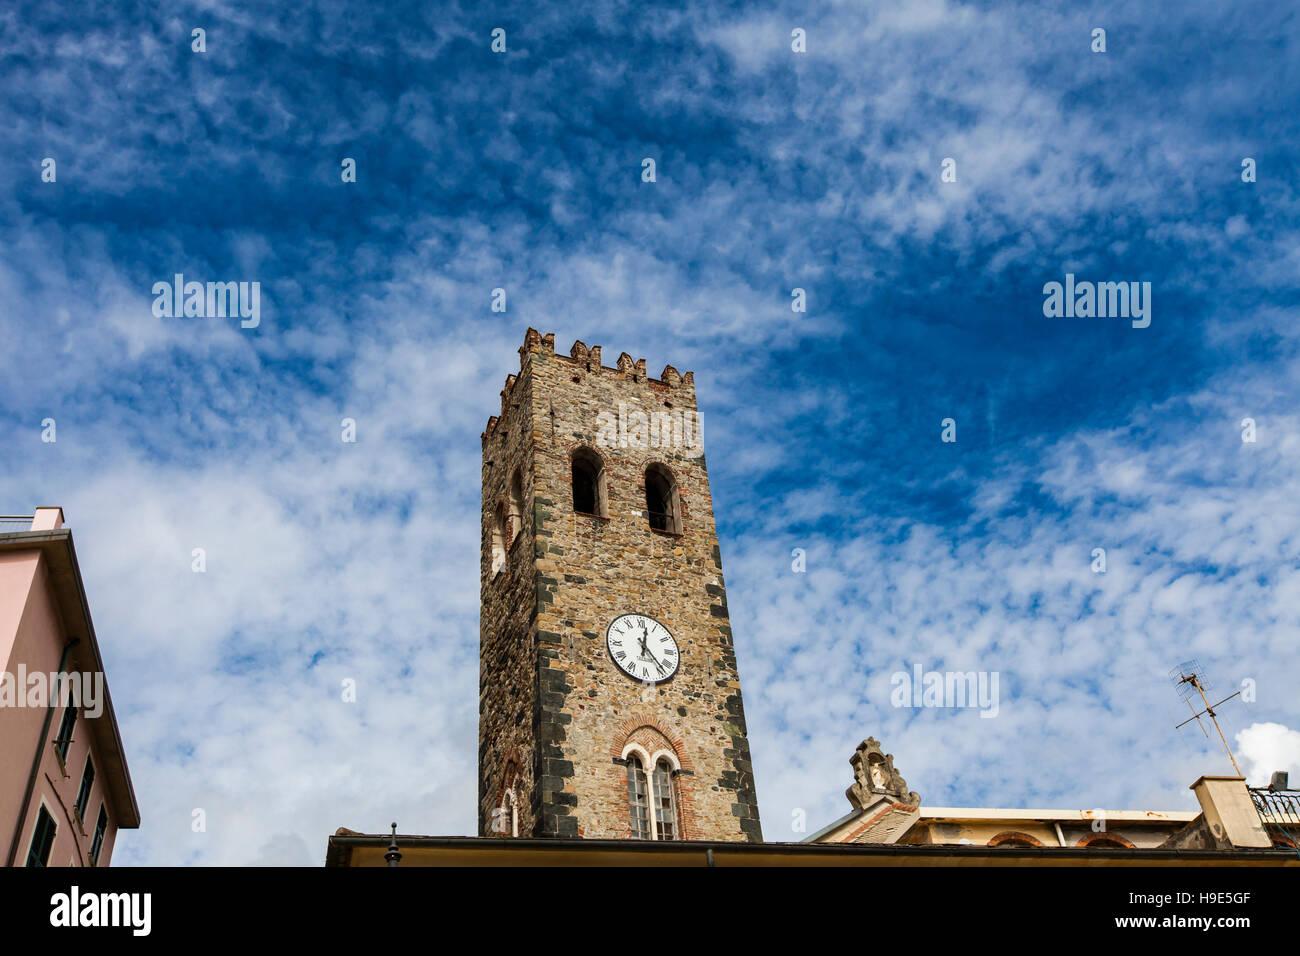 Campanario de la iglesia parroquial de San Giovanni Battista en Monterosso, Italia Foto de stock